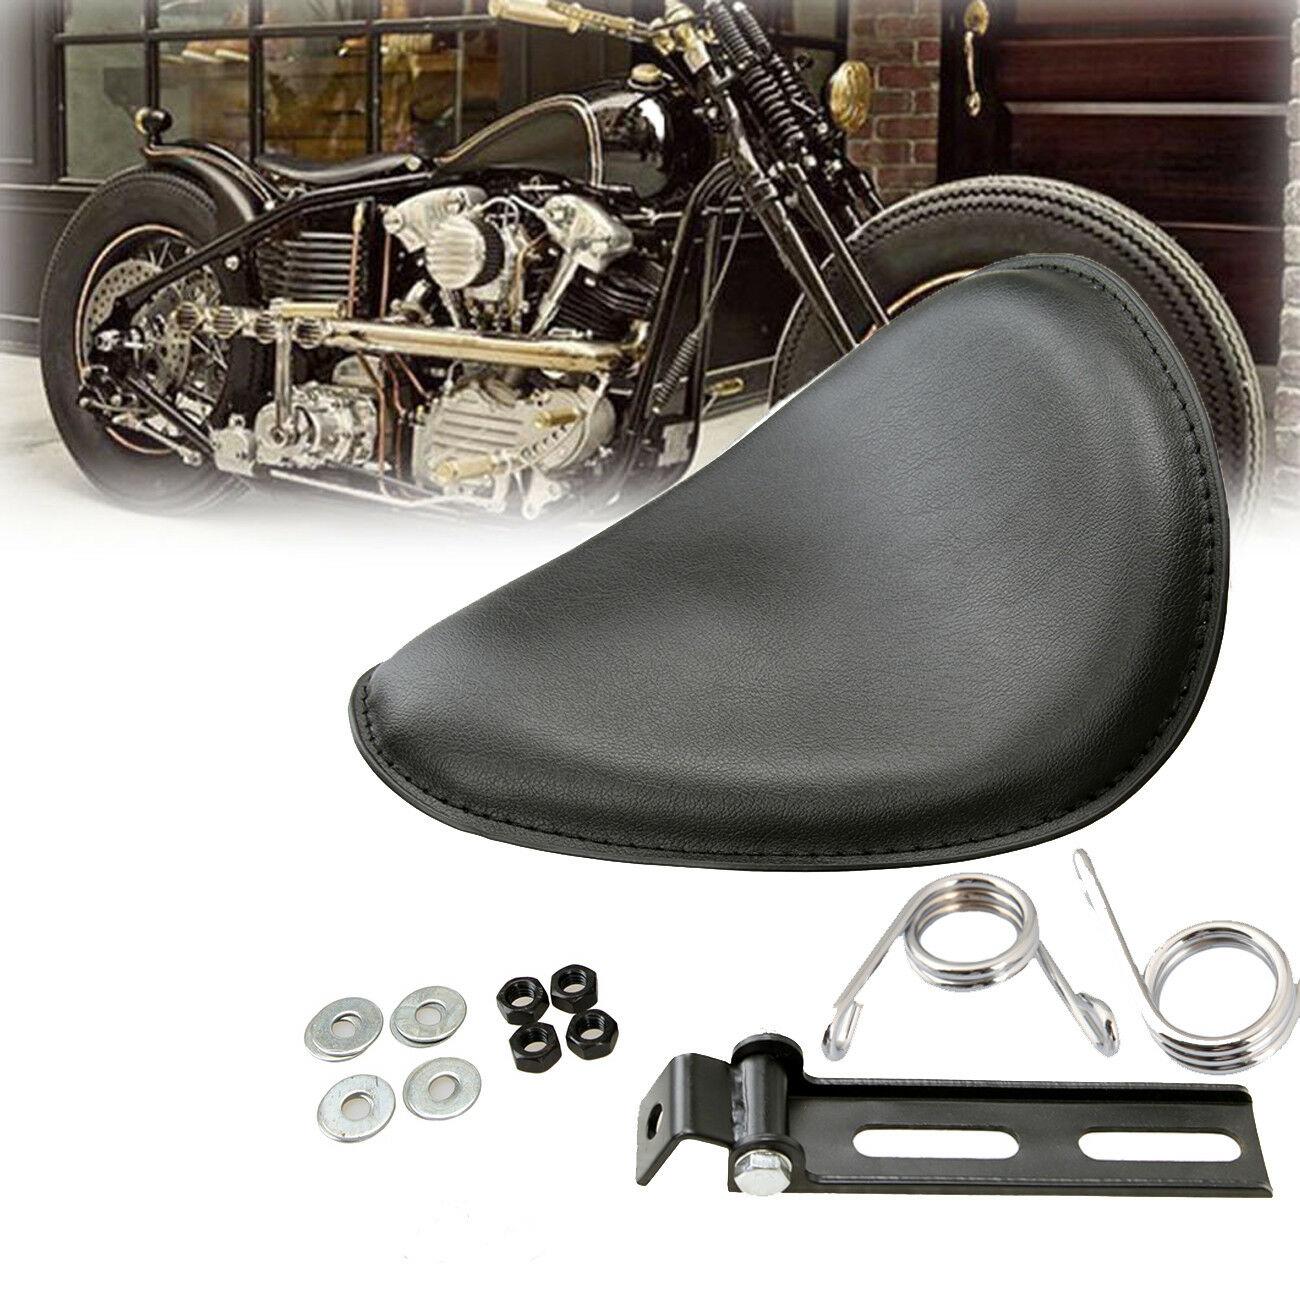 Moto étanche passager coussin coussin siège arrière Solo siège universel pour Harley Suzuki Yamaha Kawasaki Bobber Chopper